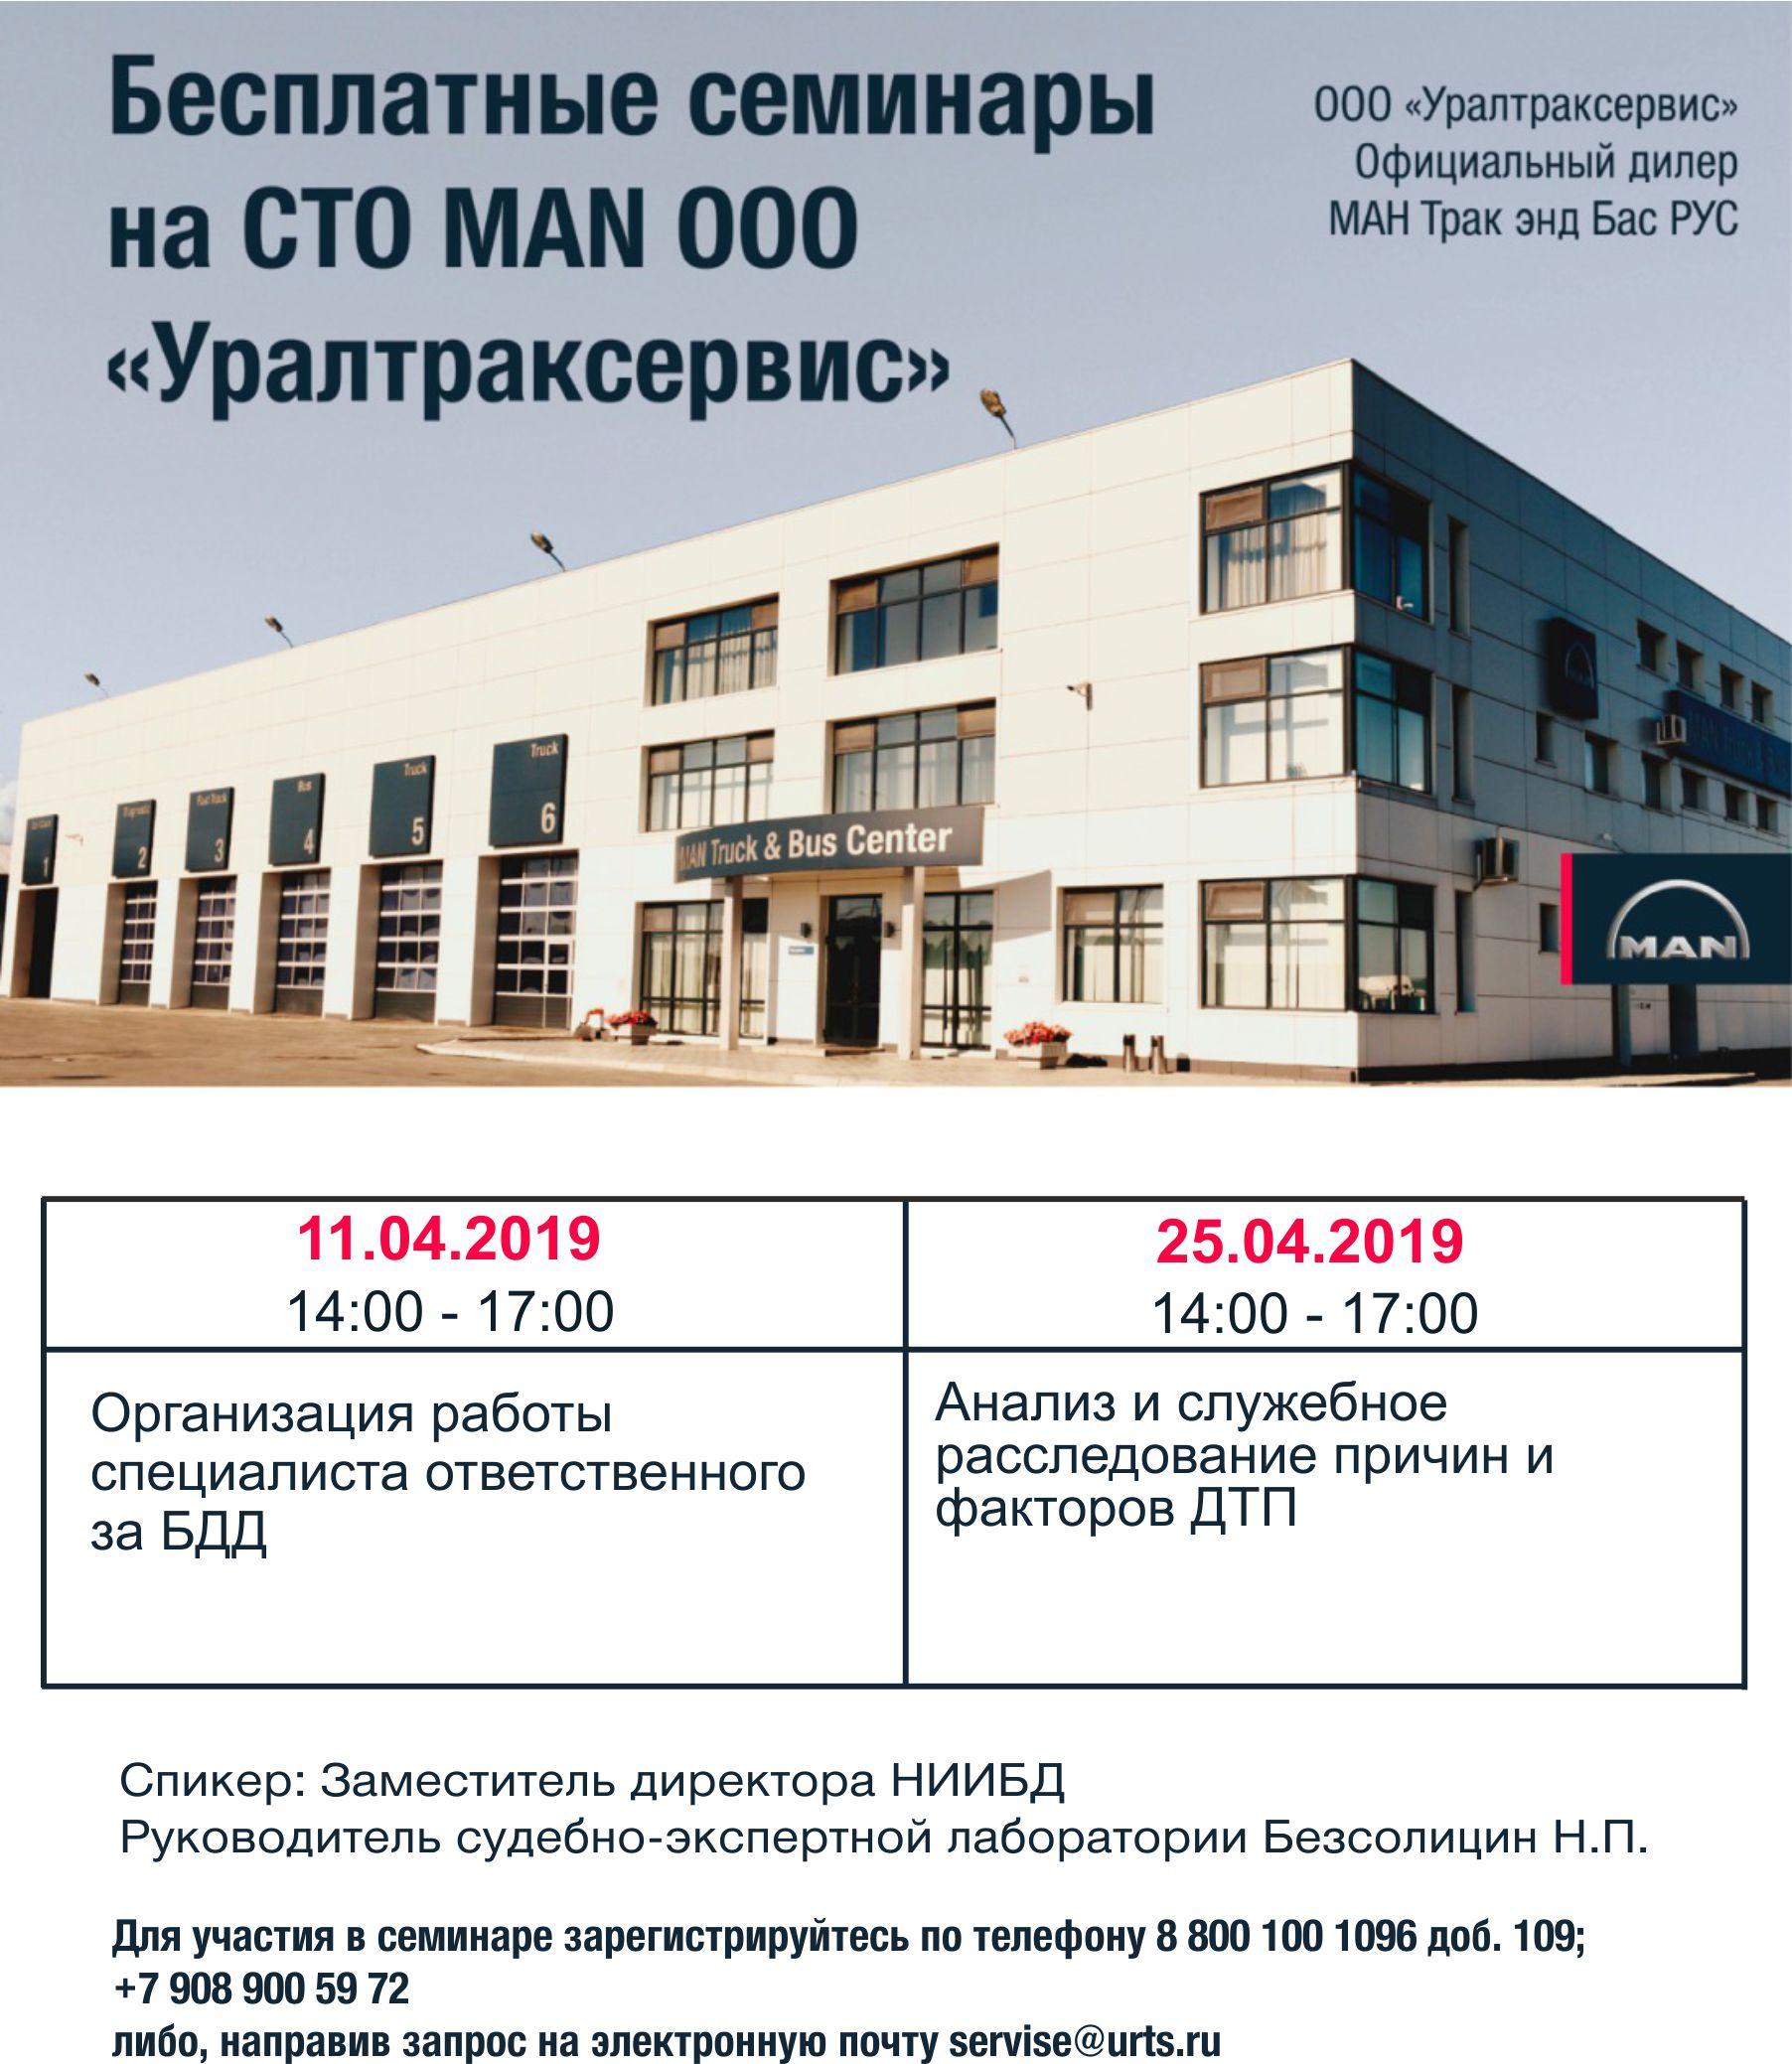 Бесплатные семинары на СТО MAN «Организация работы специалиста ответственного за ПДД» / «Анализ и служебное расследование причин и факторов ДТП»